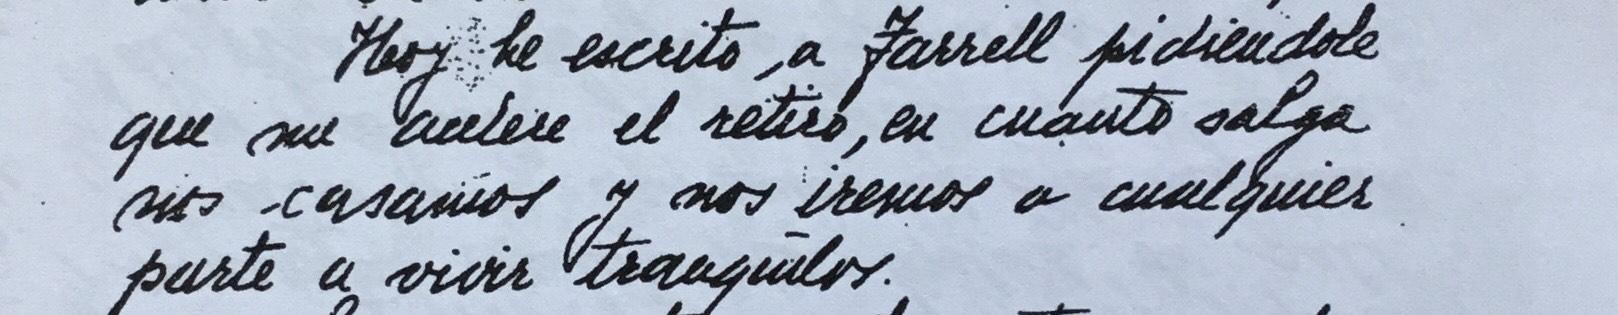 Uno de los párrafos de la carta que Perón le escribió a Eva, desde la isla Martín García.